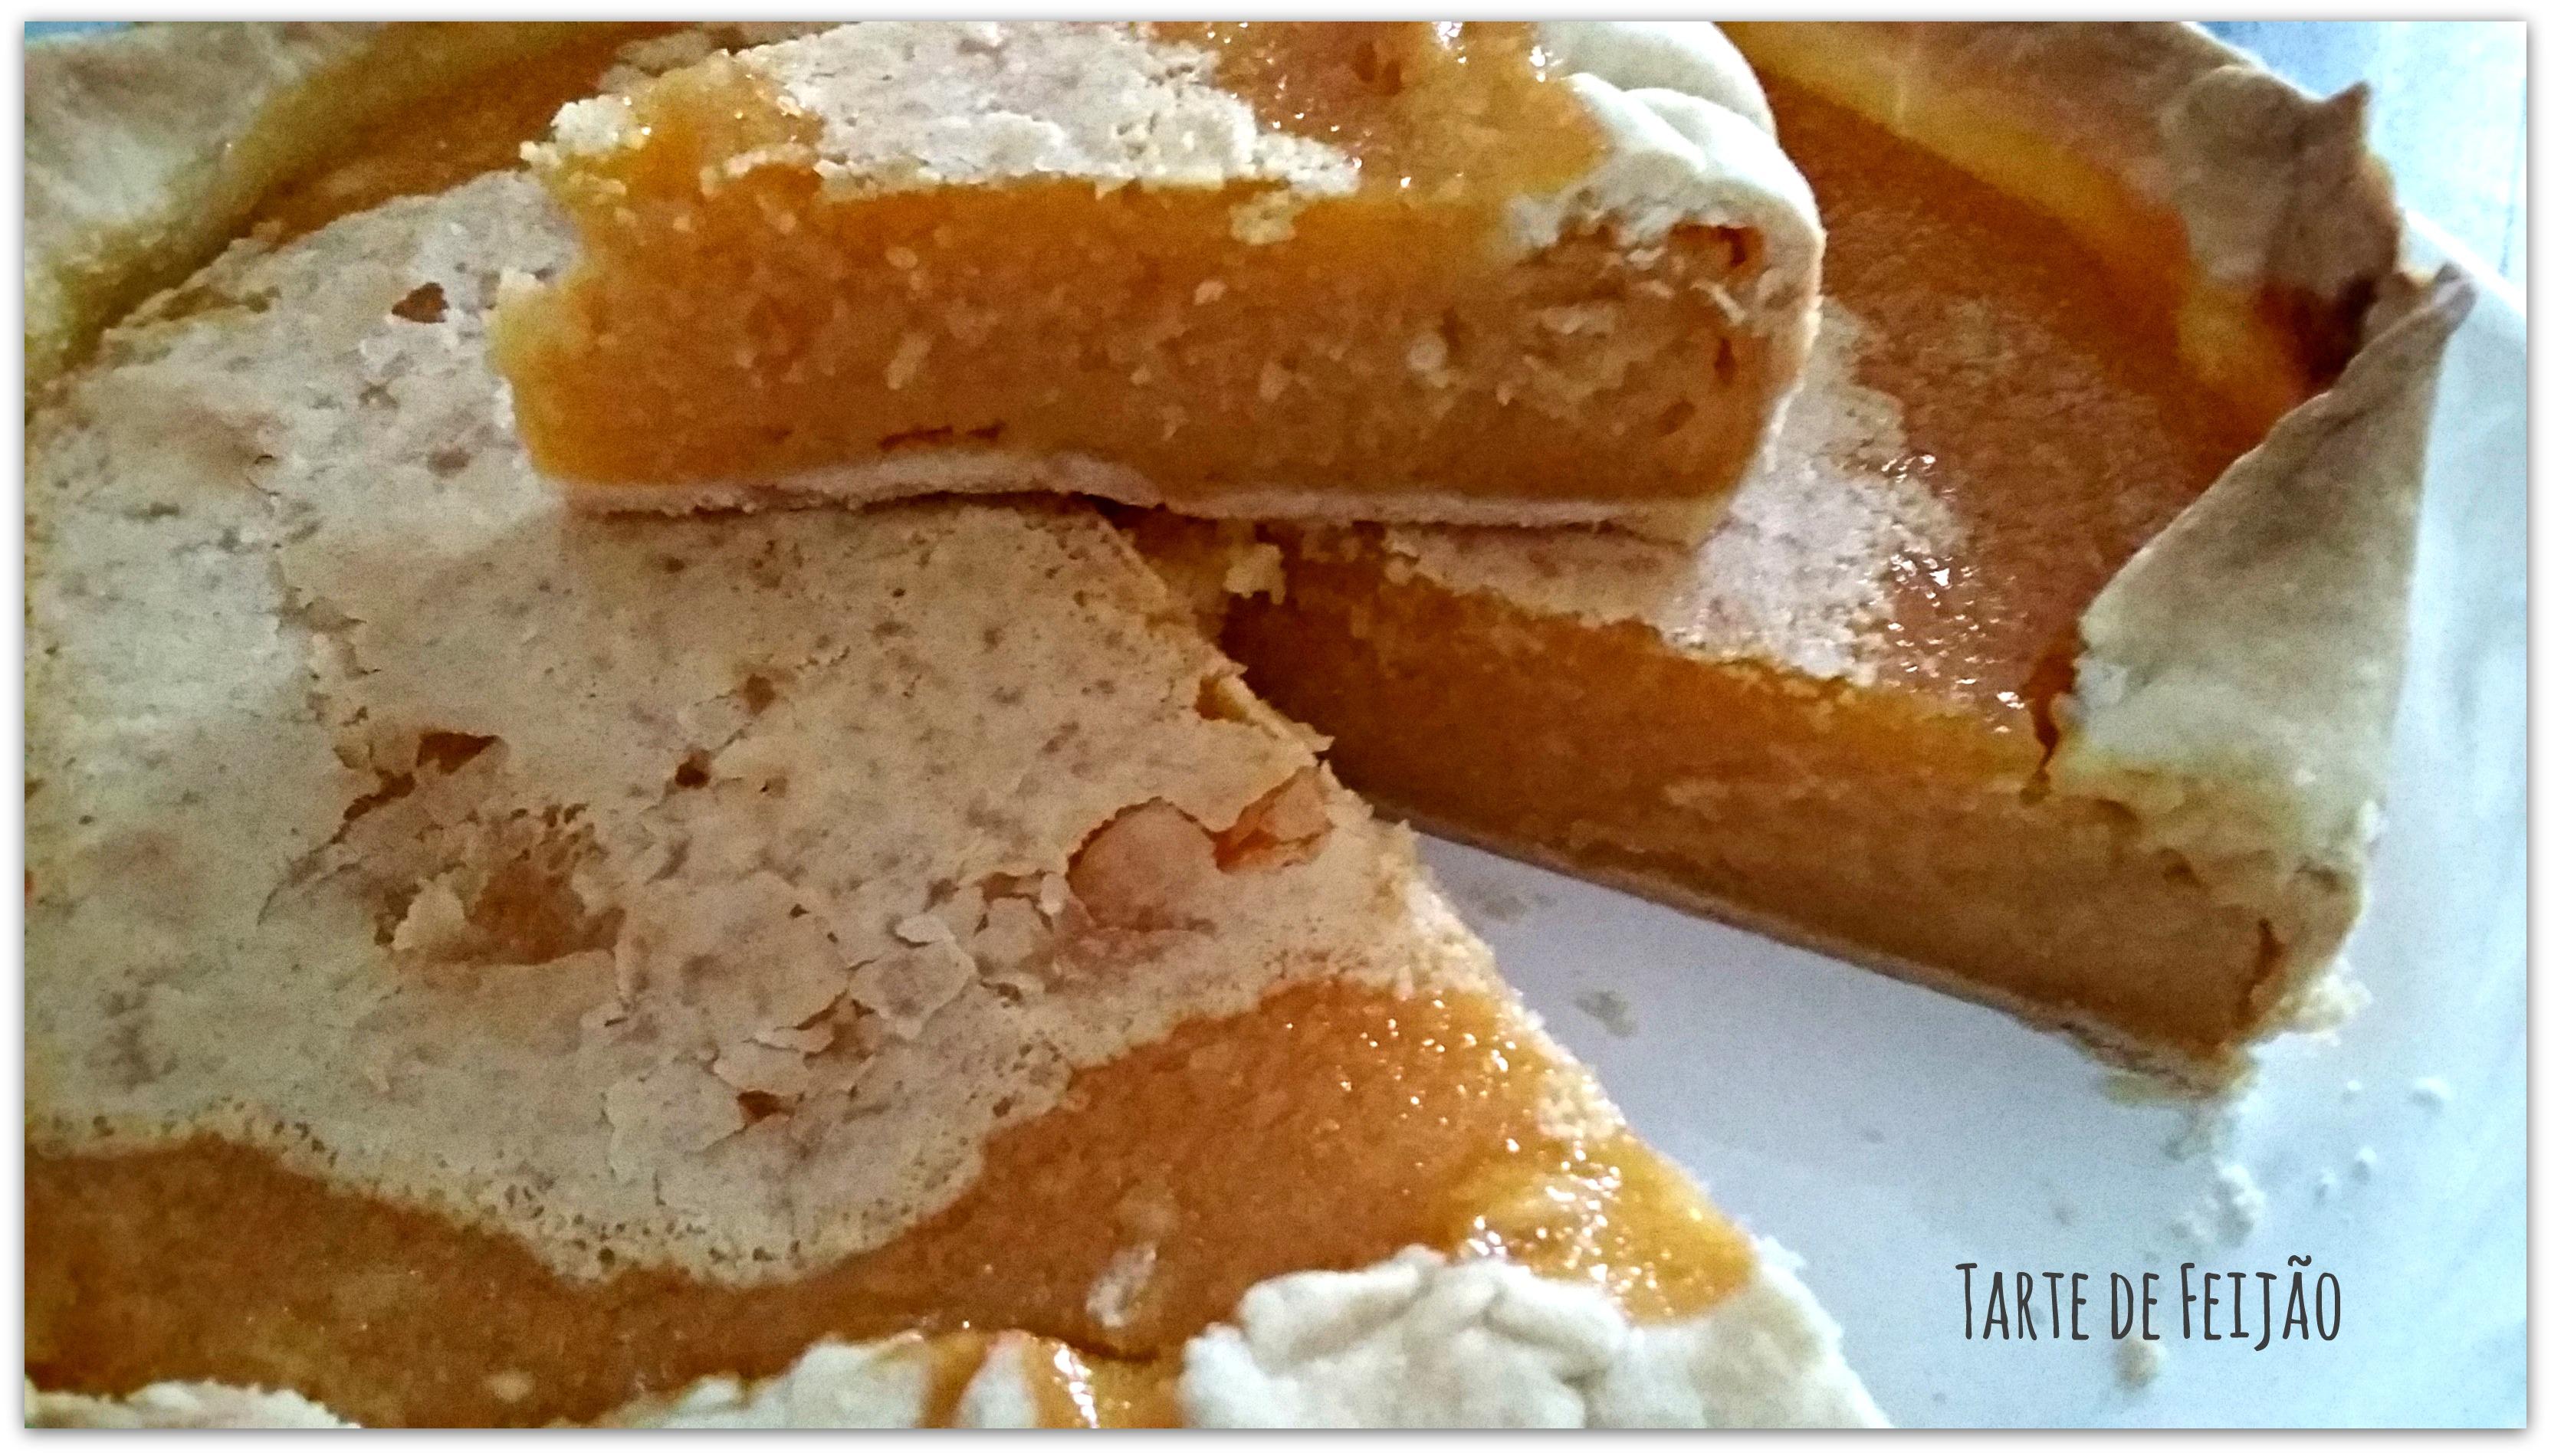 tarte de feijão.jpg